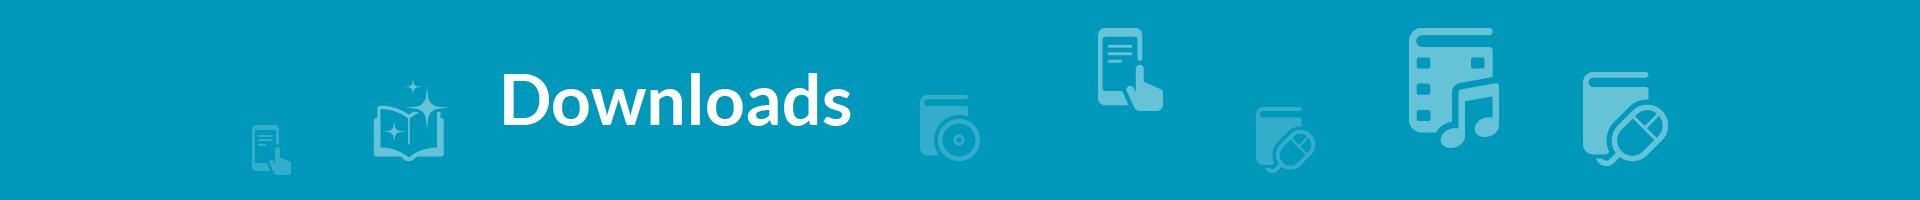 Downloadfinder Klett Sprachen